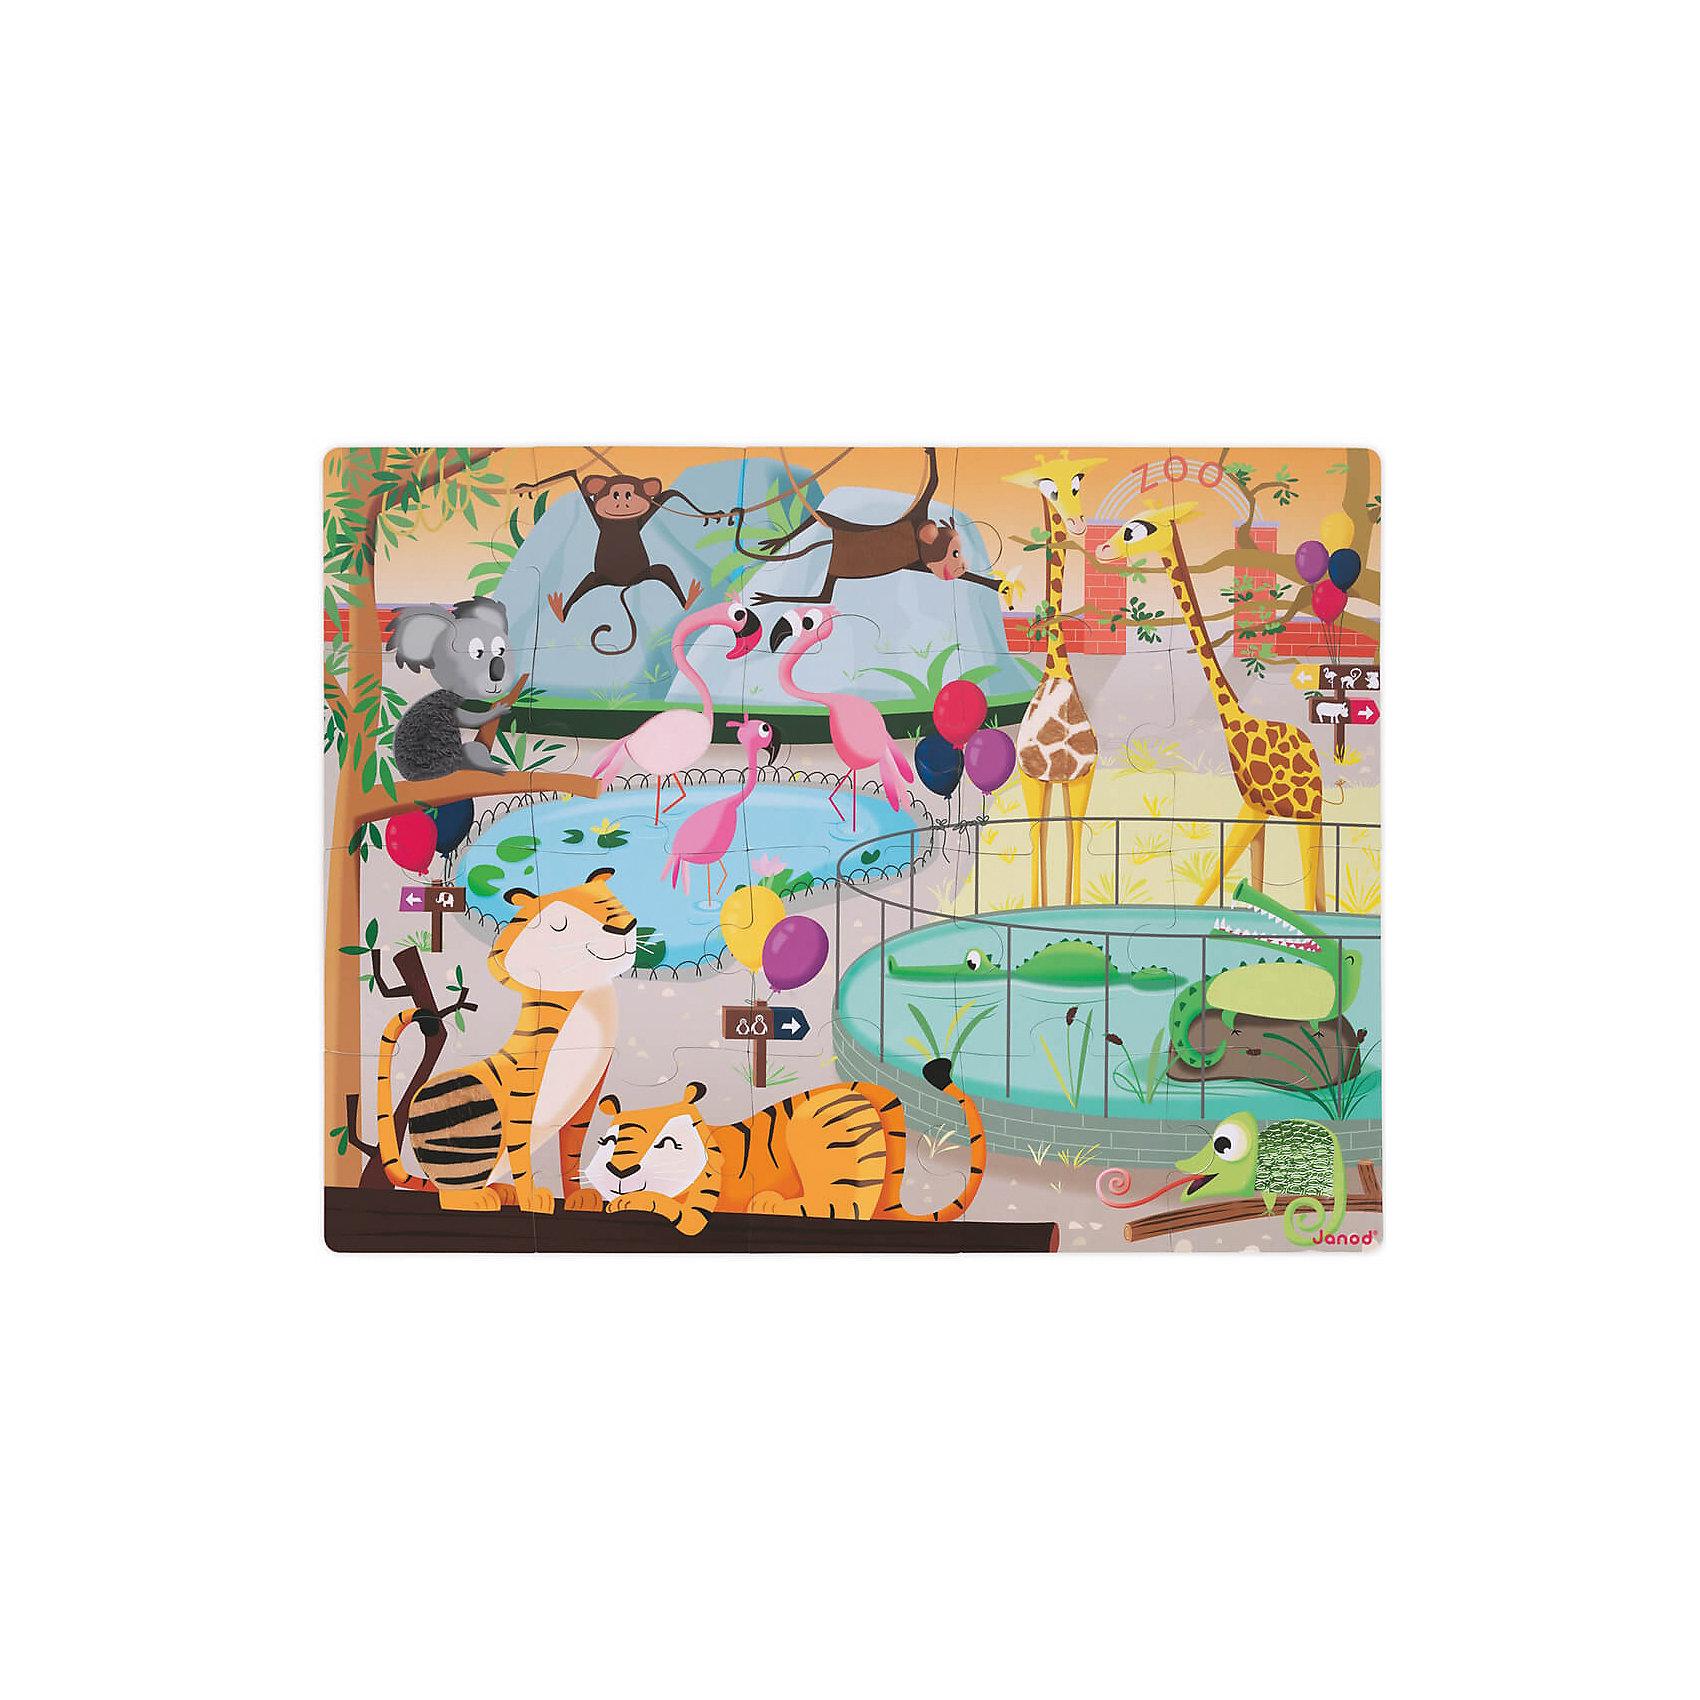 Пазл с разными текстурами День в Зоопарке, 20 деталей JanodПазлы - отличный способ развивать способности ребенка в игровой форме. Собирать разные изображения из деталей - любимое занятие многих детей. Эта игра очень удобна - ее можно брать с собой в дорогу, благодаря продуманной форме хранится она очень компактно. Она развивает также мелкую моторику, воображение, логическое мышление, цветовосприятие. Такая игра надолго занимает детей и помогает увлекательно провести время!<br>Пазл День в Зоопарке состоит из 20 деталей, которые сделаны из ламинированного картона с добавлением текстиля различных текстур. Материал подобран так, чтобы и расцветкой и текстурой подходил определенному обитателю. Игра разработана опытными специалистами, сделана из высококачественных материалов, безопасных для детей.<br><br>Дополнительная информация:<br><br>материал: текстиль, картон;<br>размер пазла: 50 х 65 см;<br>размер упаковки: 33 х 27 х 6 см;<br>вес: 1120 г;<br>качественная полиграфия;<br>комплектация: 20 элементов.<br><br>Пазл с разными текстурами День в Зоопарке от компании Janod можно купить в нашем магазине.<br><br>Ширина мм: 33<br>Глубина мм: 6<br>Высота мм: 27<br>Вес г: 1120<br>Возраст от месяцев: 36<br>Возраст до месяцев: 2147483647<br>Пол: Унисекс<br>Возраст: Детский<br>SKU: 4871773